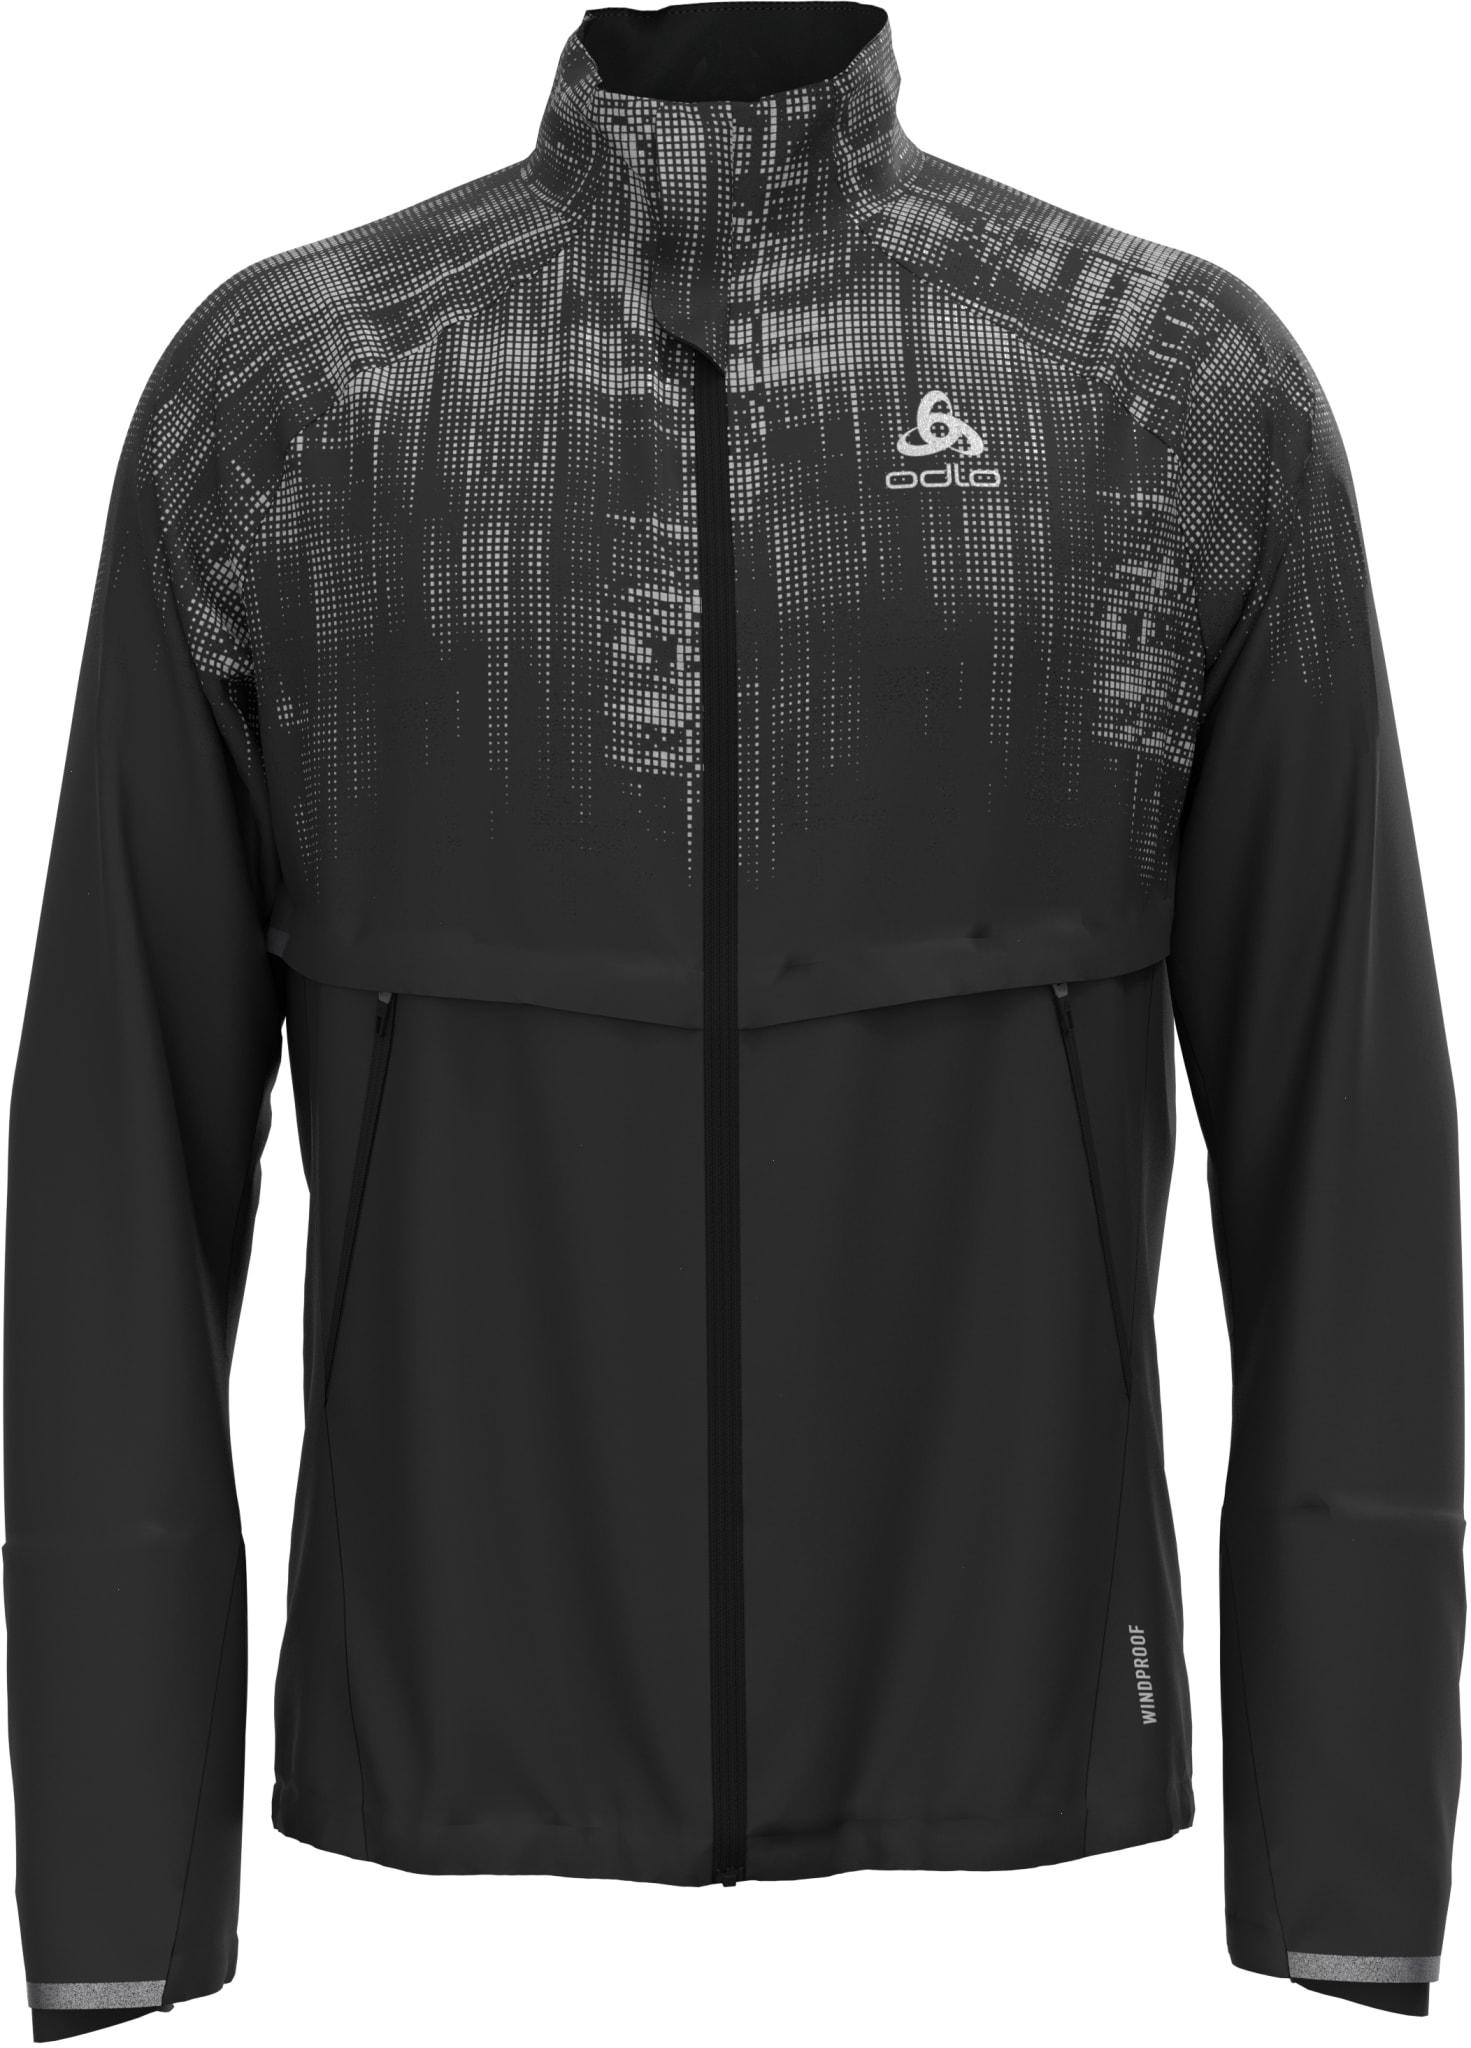 Zeroweight Pro Warm Running Jacket M